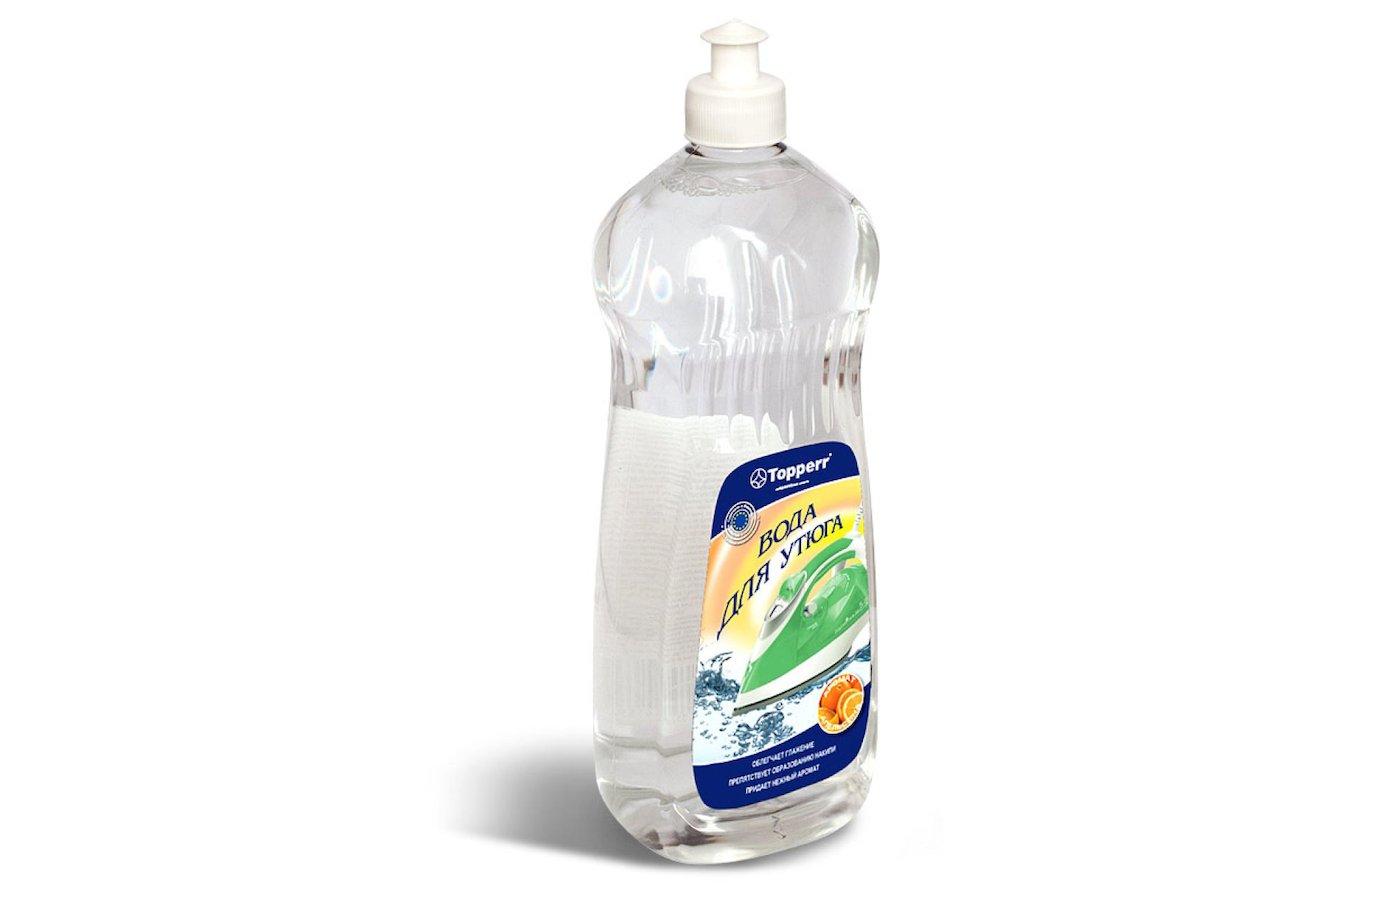 Аксессуары для утюгов TOPPERR 3018 Вода для утюга парфюмированная Апельсин